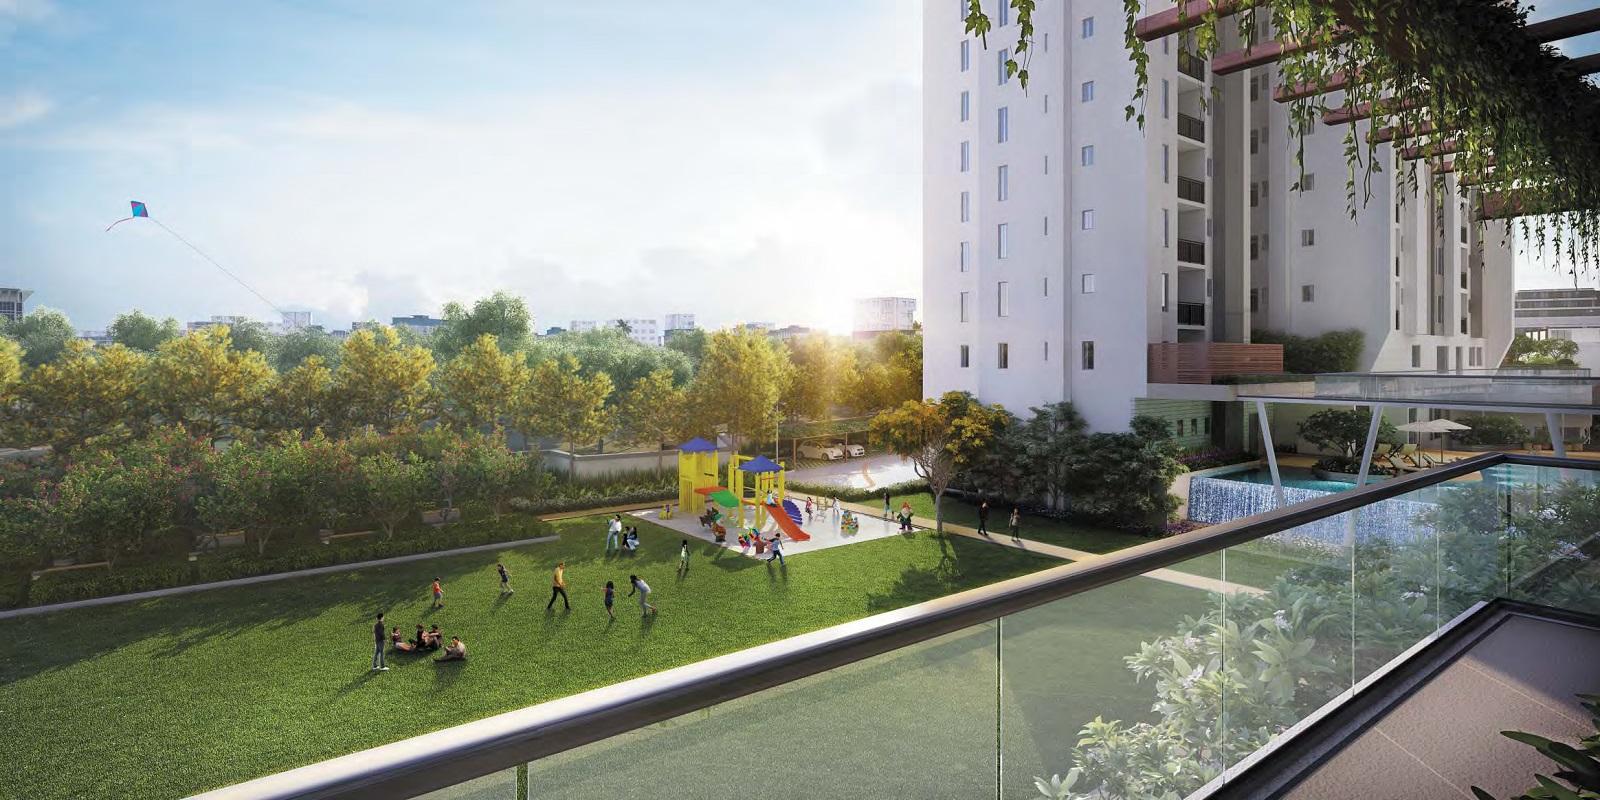 rishi pranaya phase i amenities features14